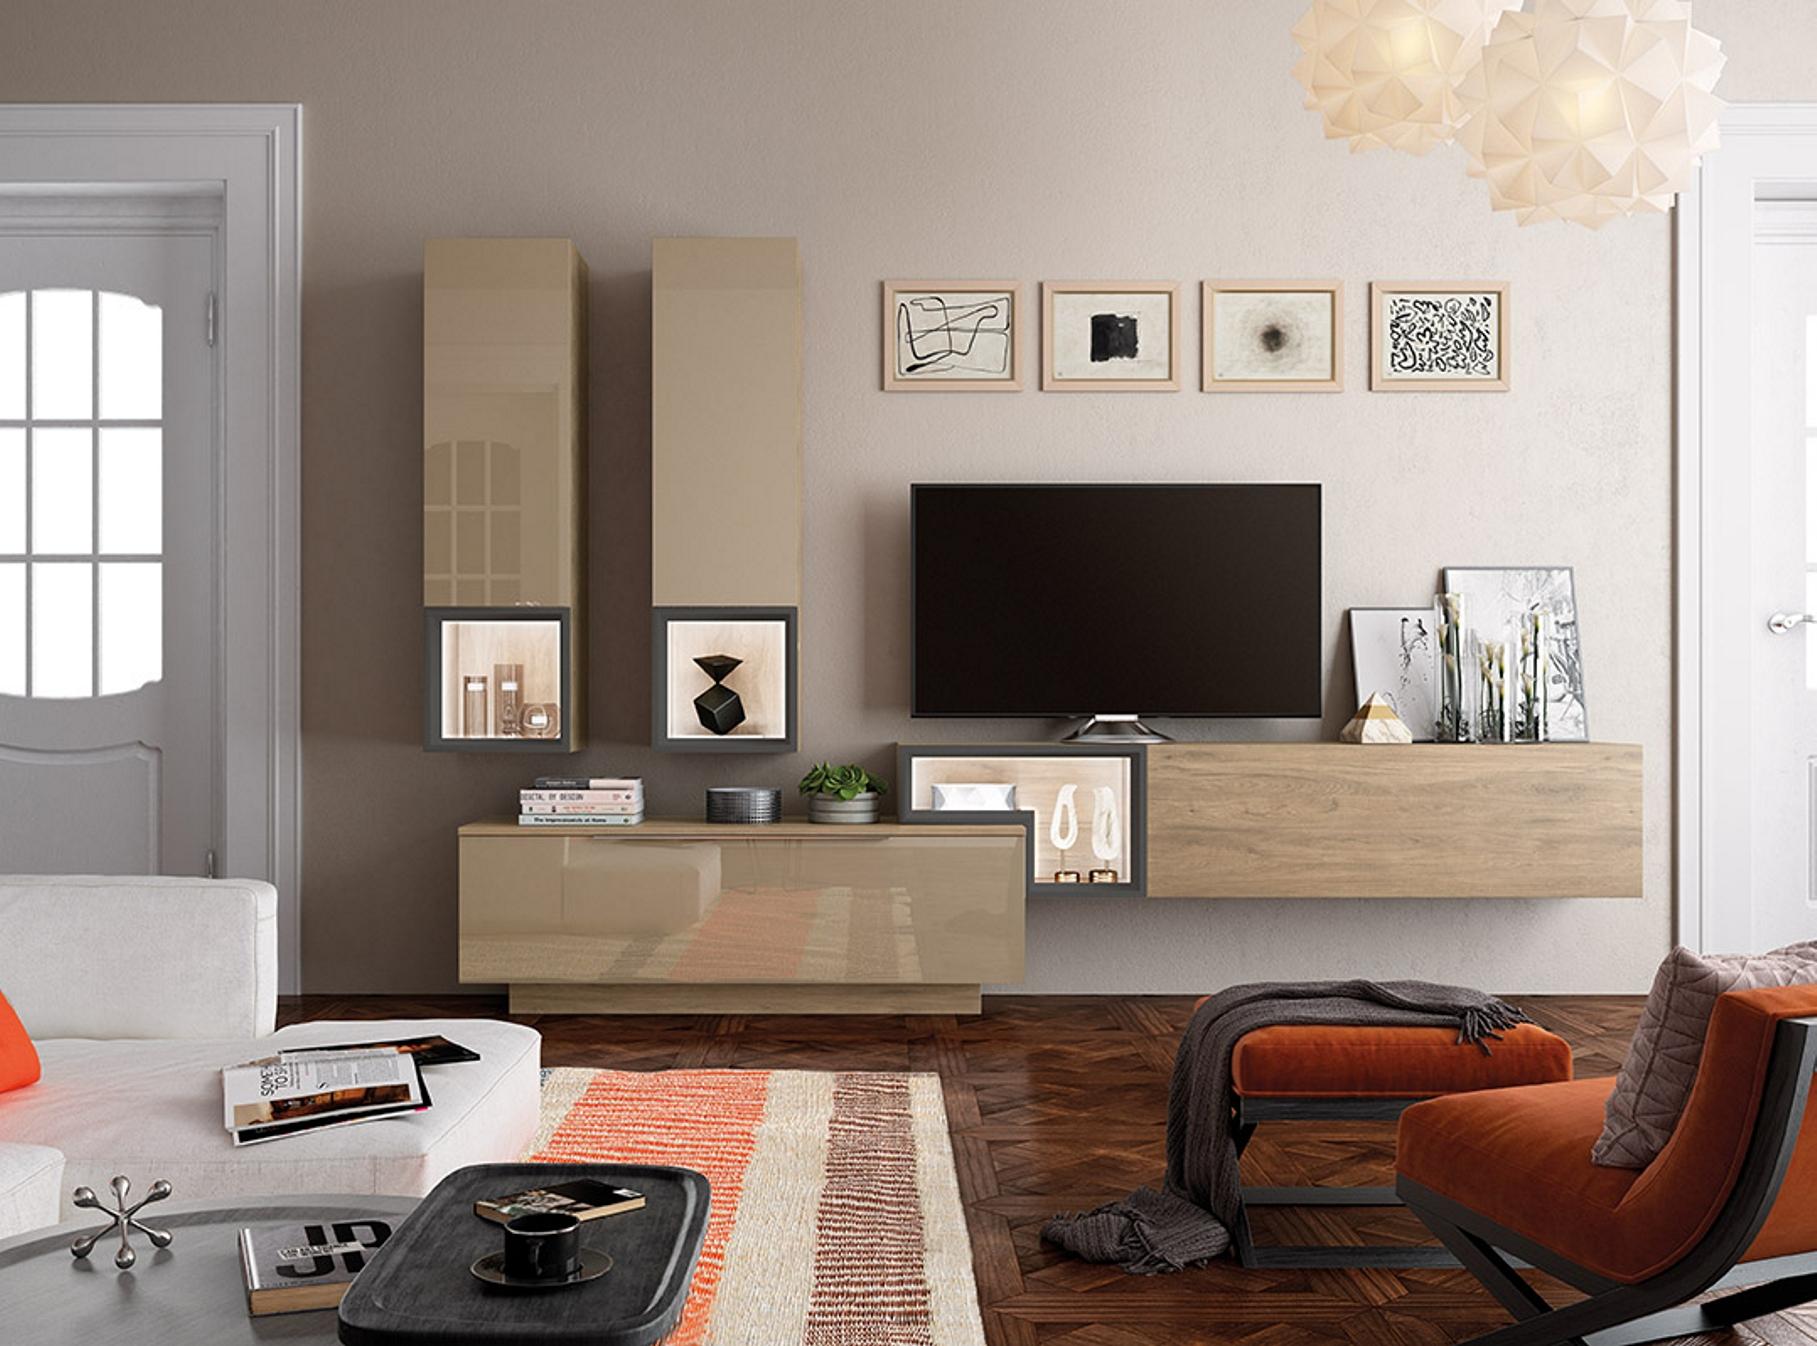 salon-moderno-Zion-3.0-muebles-paco-caballero-0907-5c8d32e3e5604